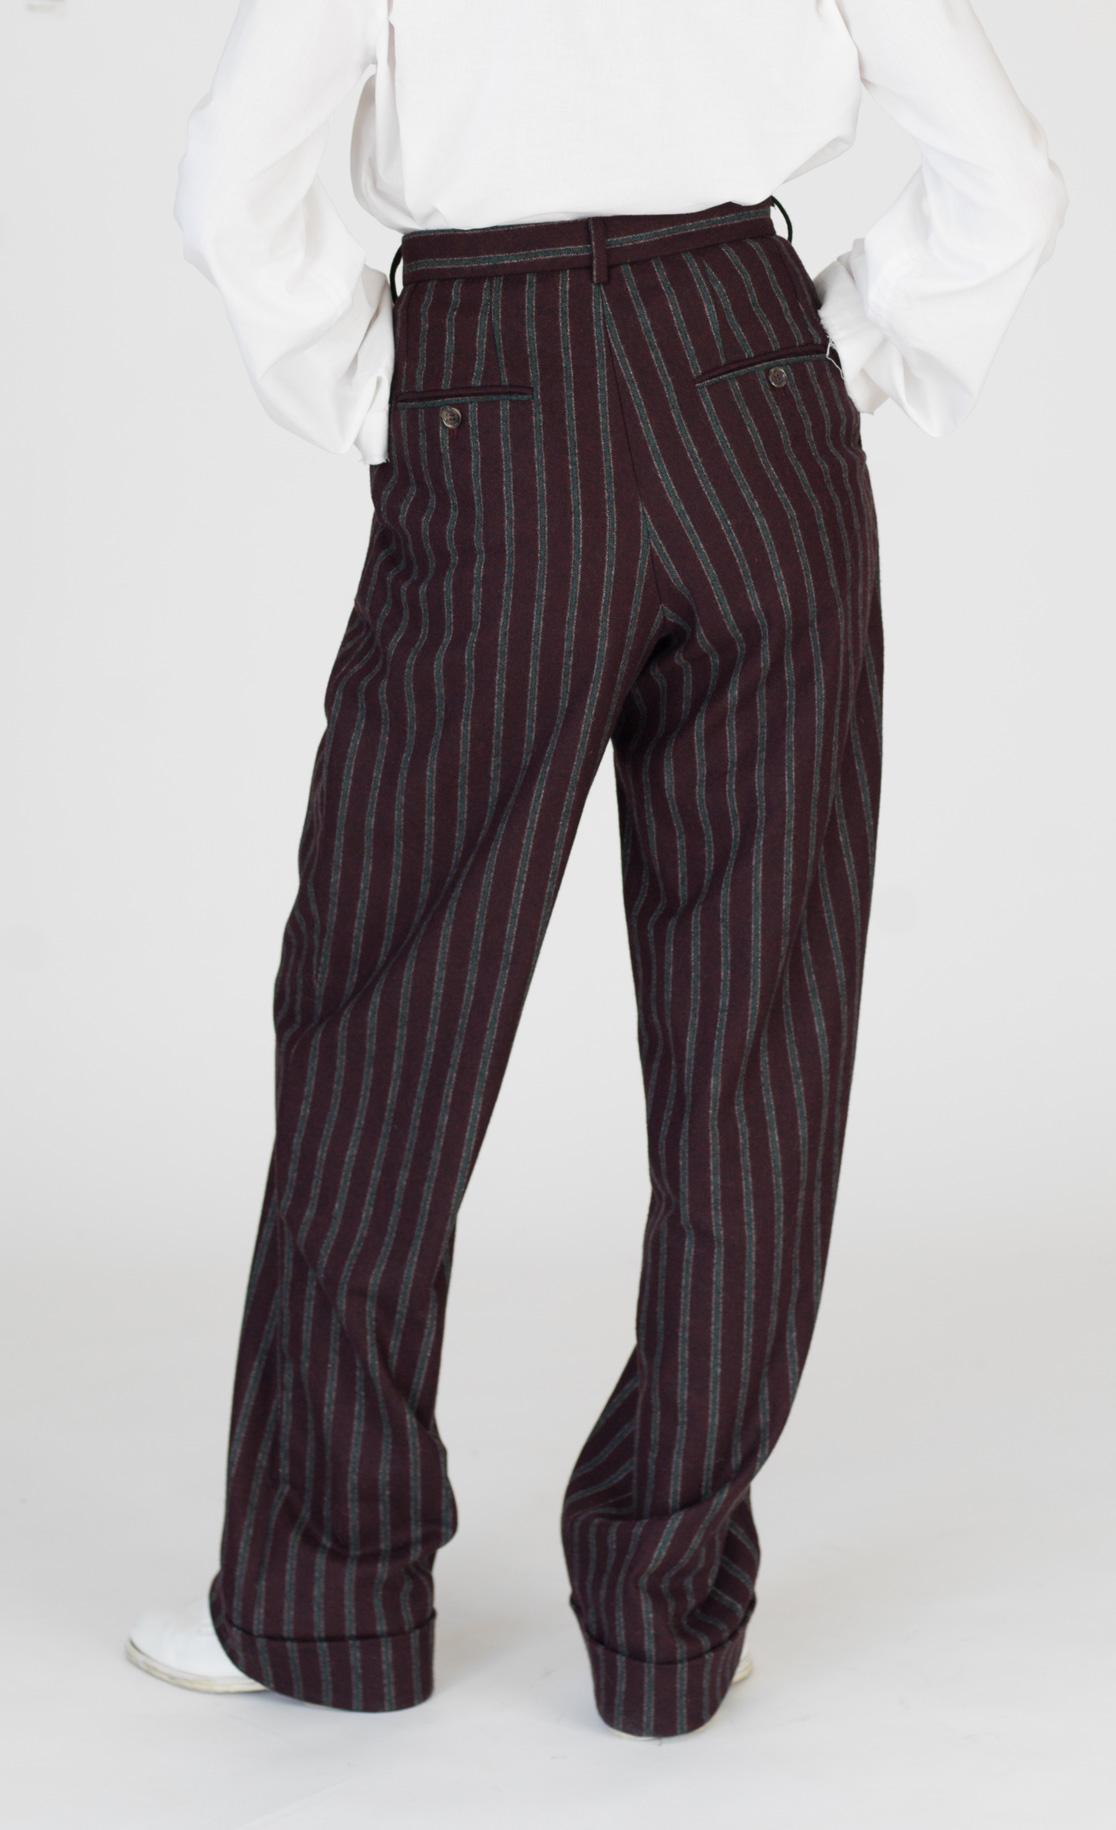 DADA-Diane-Ducasse-AH21-pantalon-droit-jules-laine-bordeaux-rayure-dos